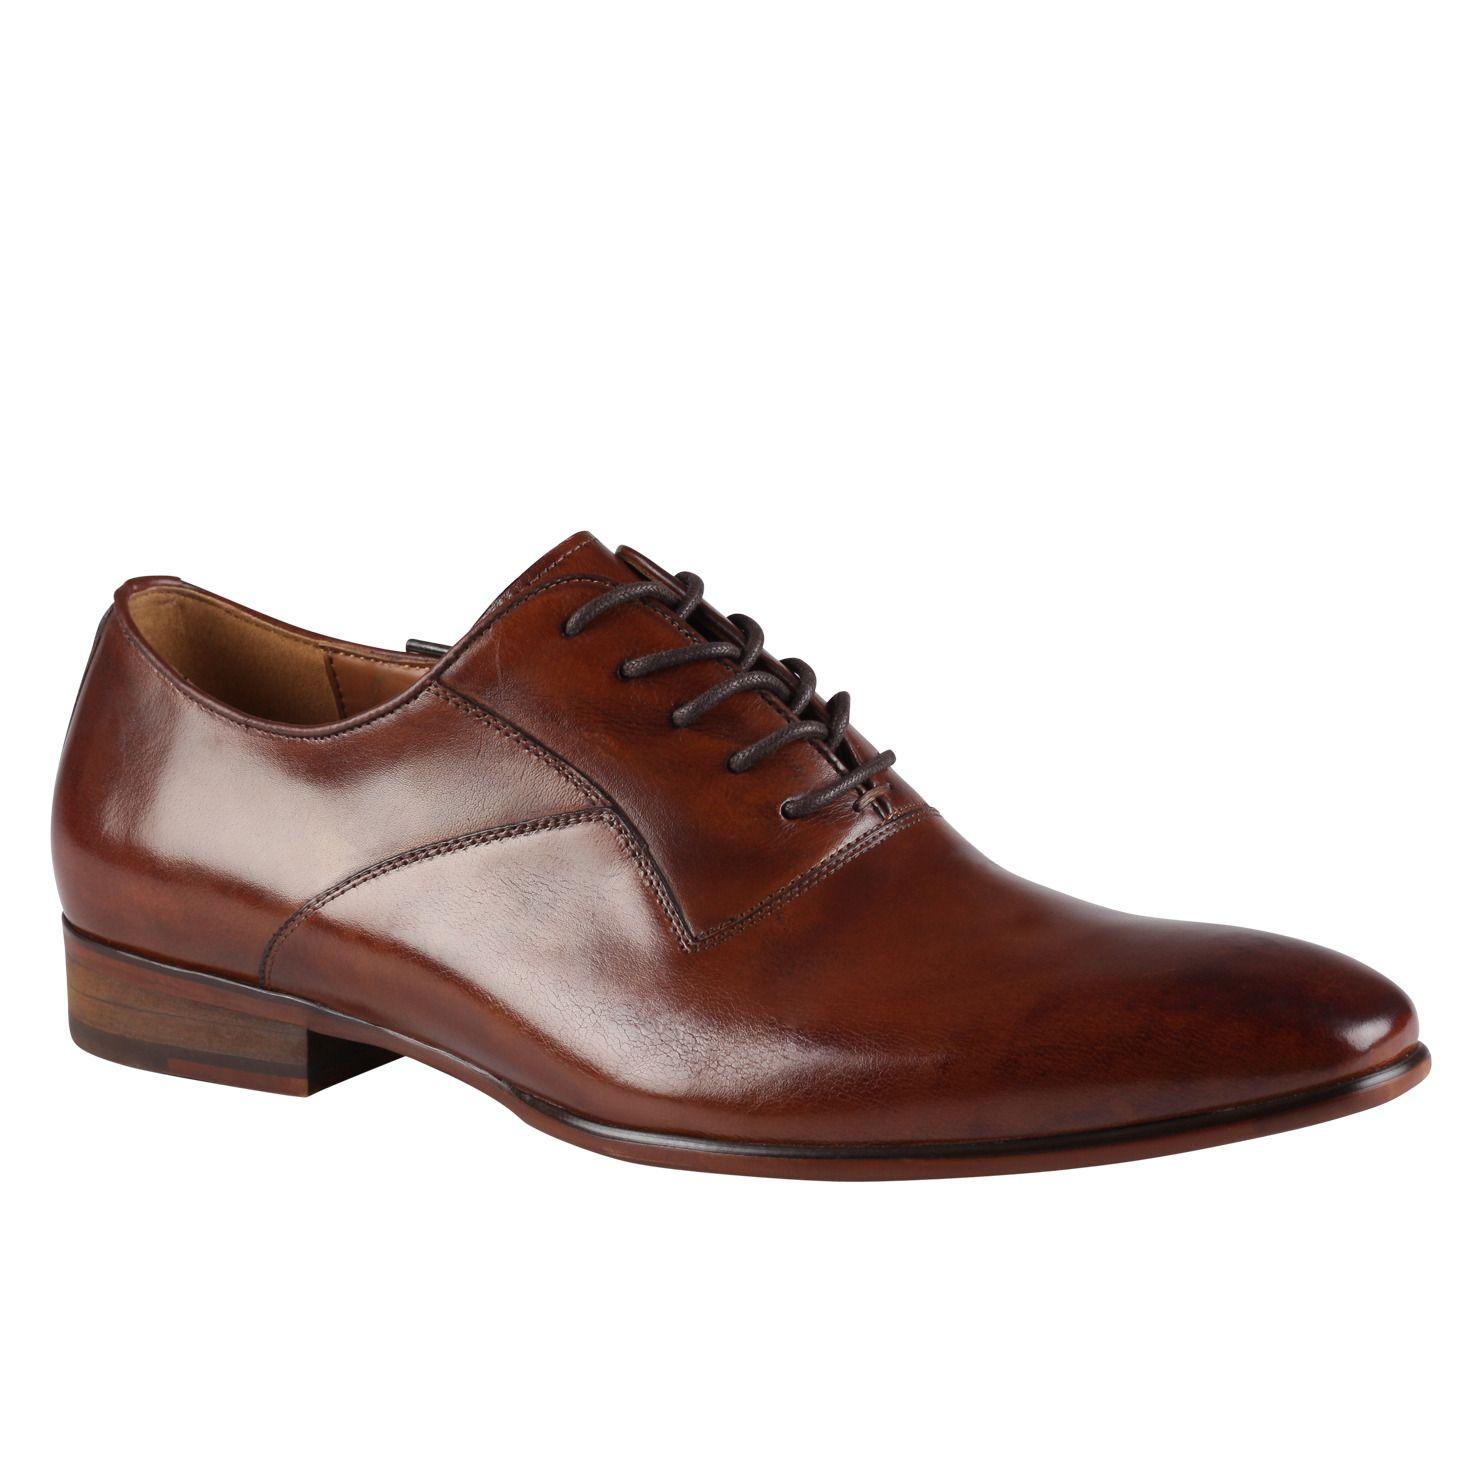 Shoes Aldo For Men